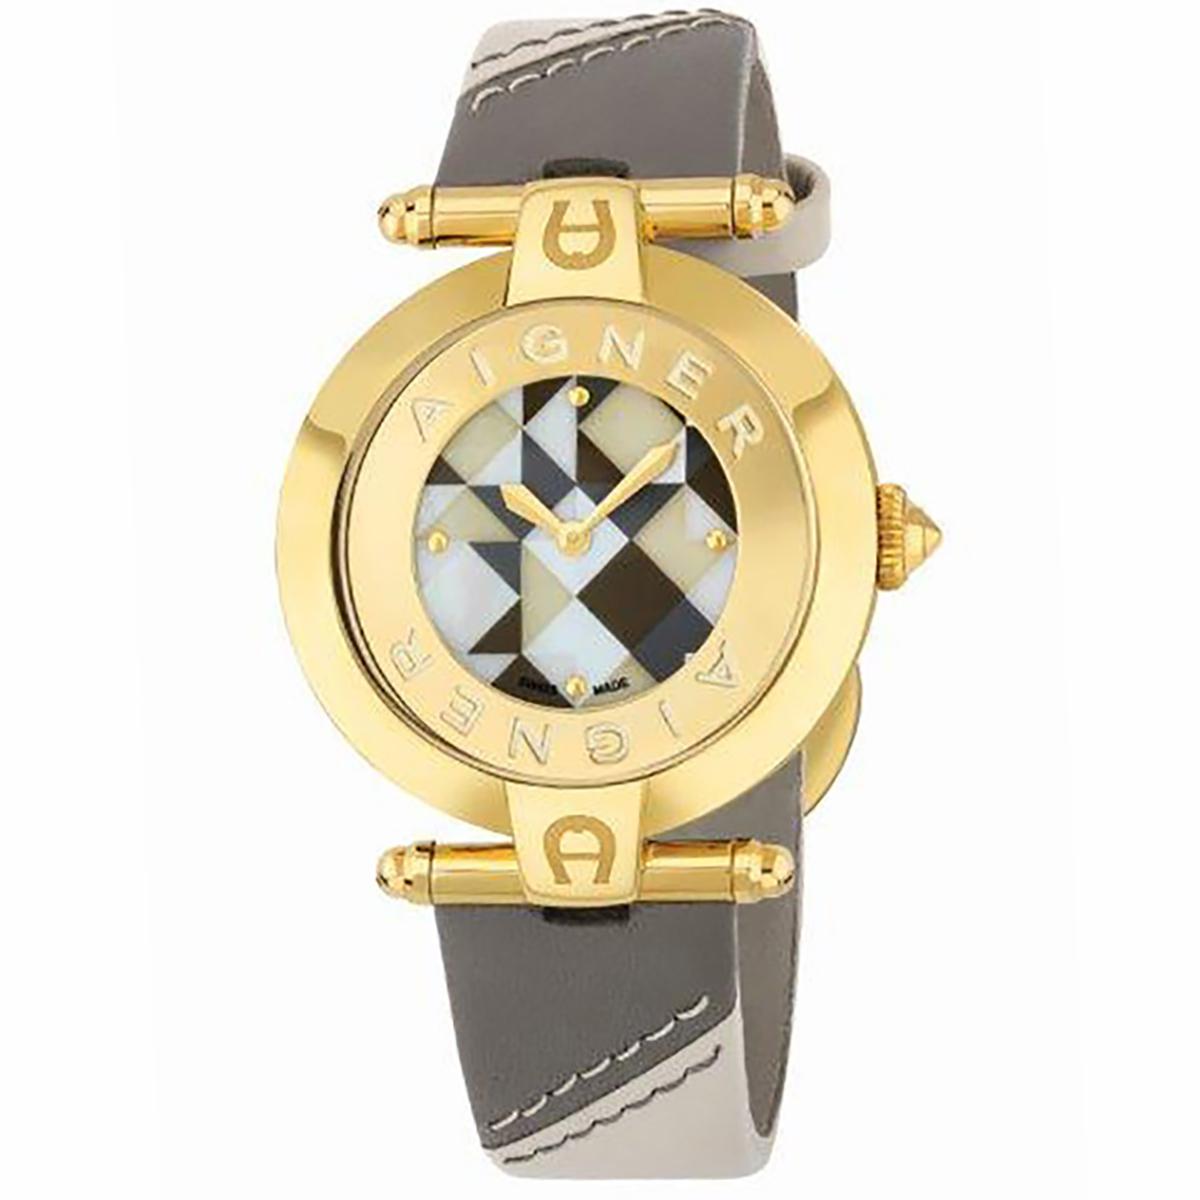 ساعت مچی عقربه ای زنانه اگنر مدل A16207